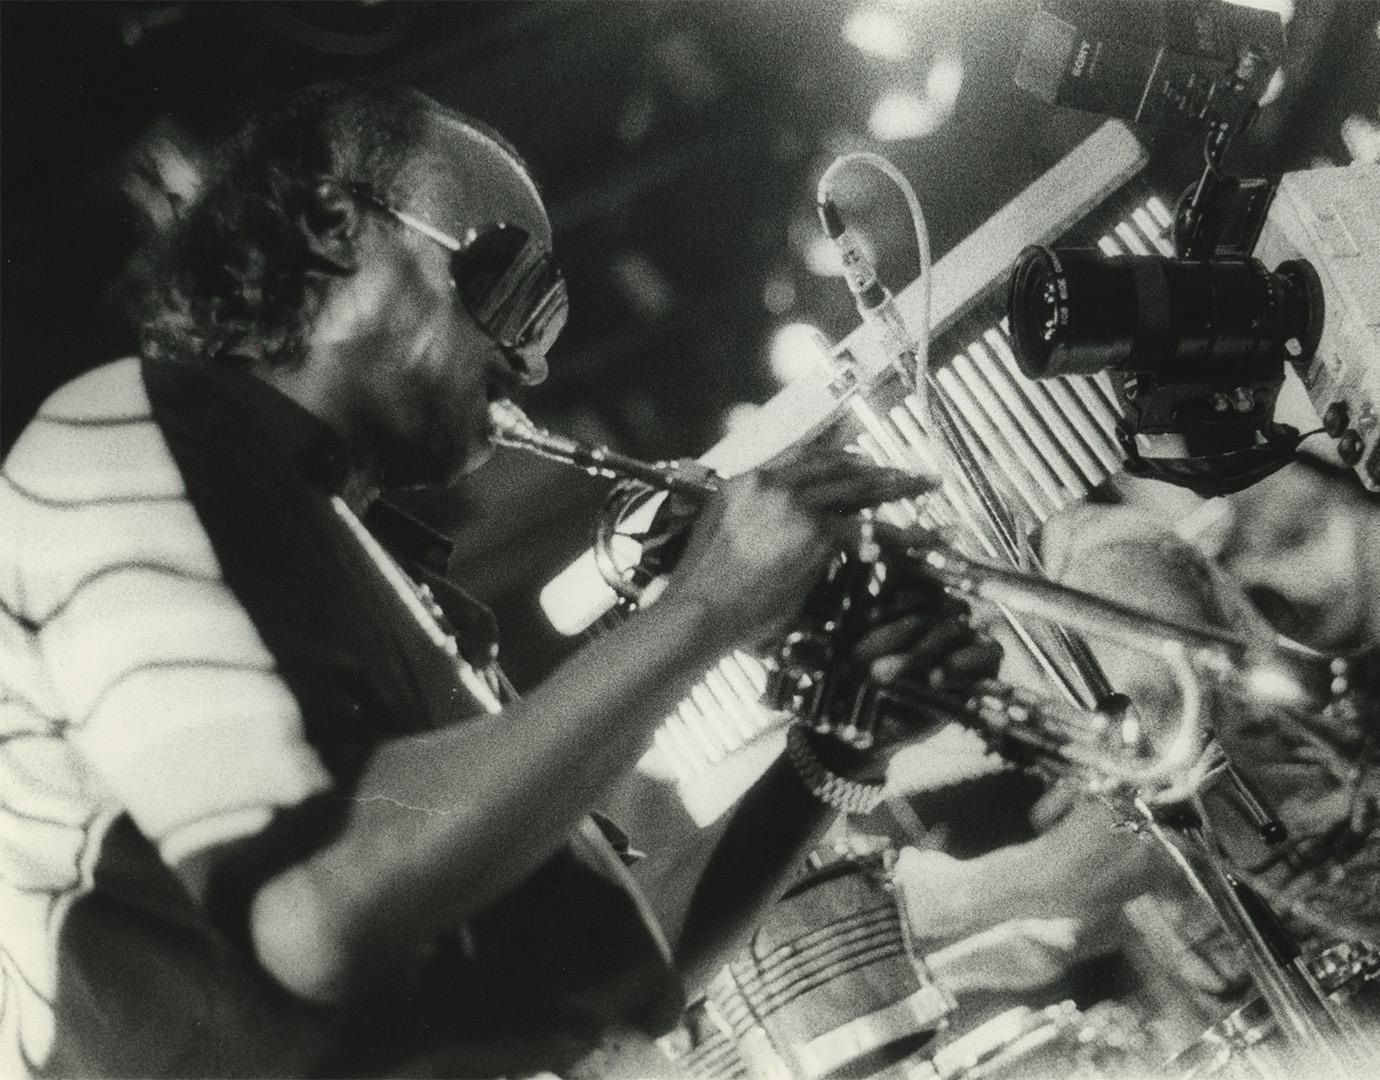 Unheard Miles Davis studio album set for release - The Wire